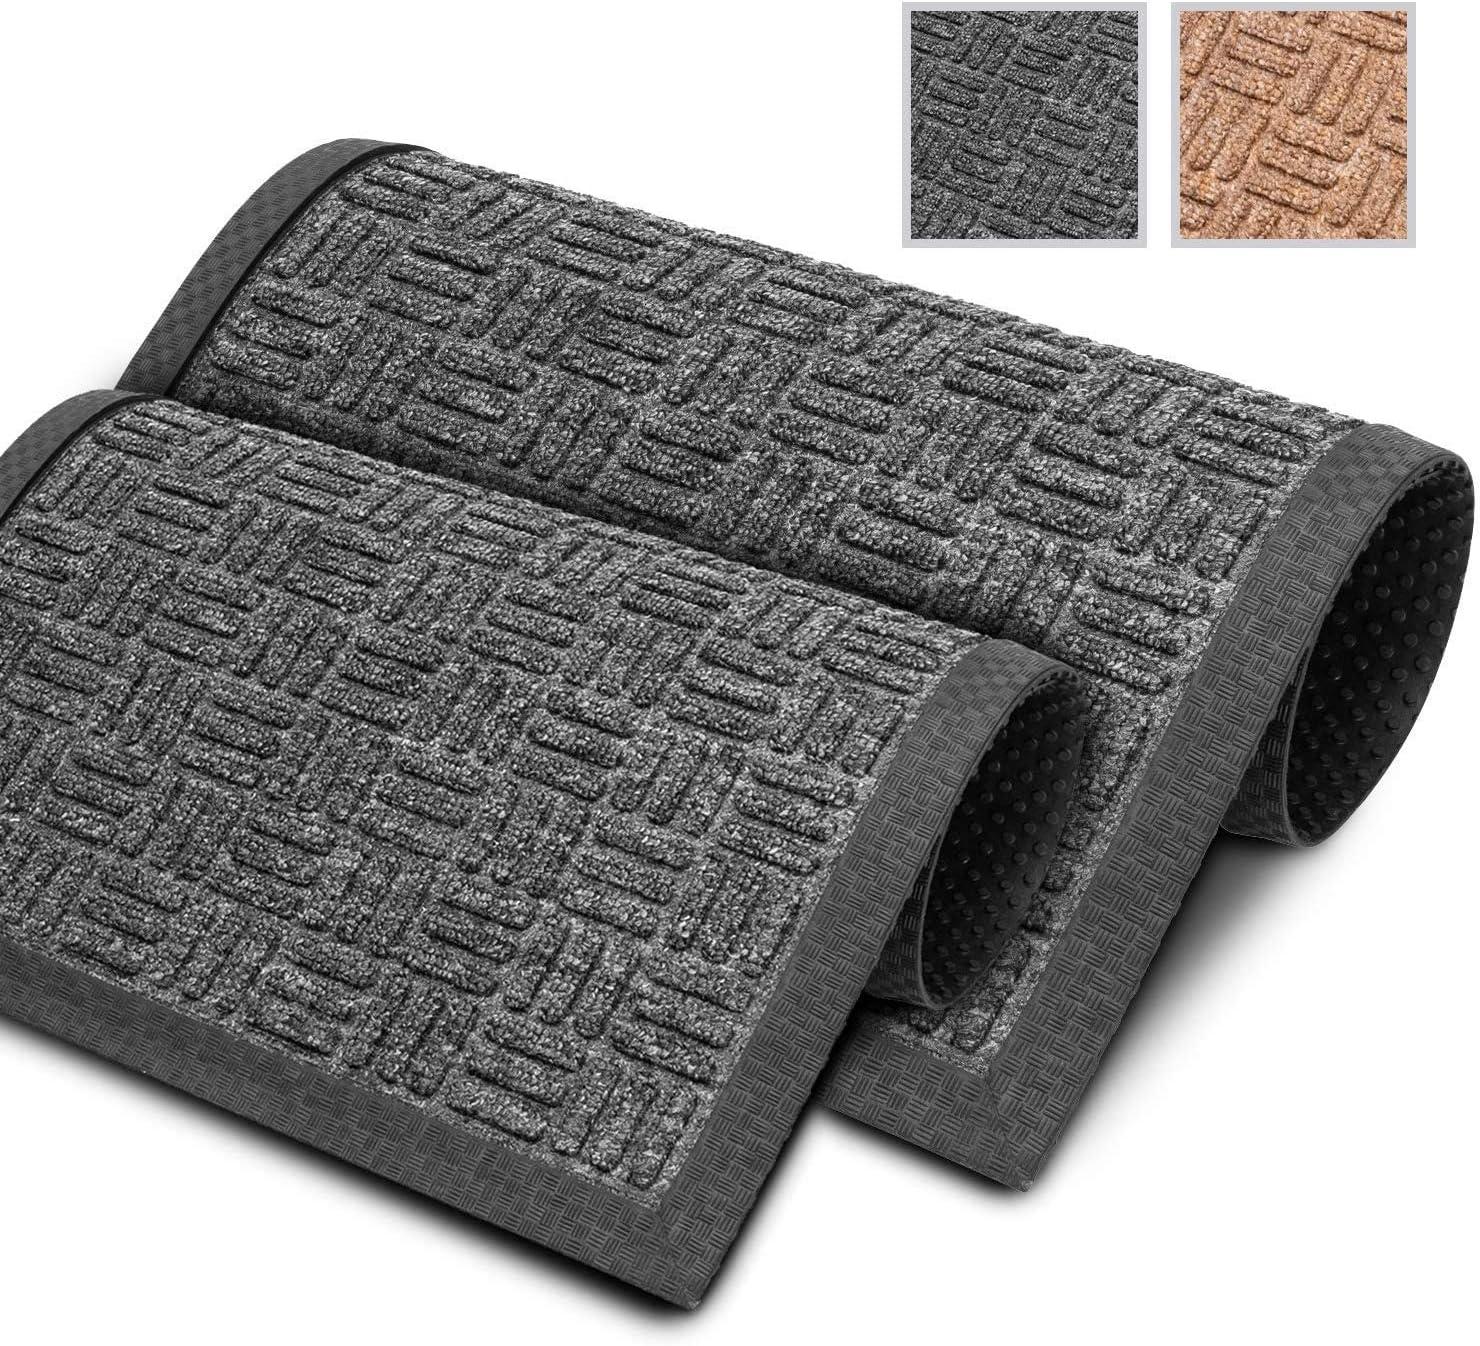 GadHome Felpudo Antisuciedad Exterior, Negro 40x60cm | Alfombrillas Lavables de Alta Resistencia para el Hogar y la Oficina | Fácil de Limpiar, Borde y Base de Caucho Antideslizante, Textura Única